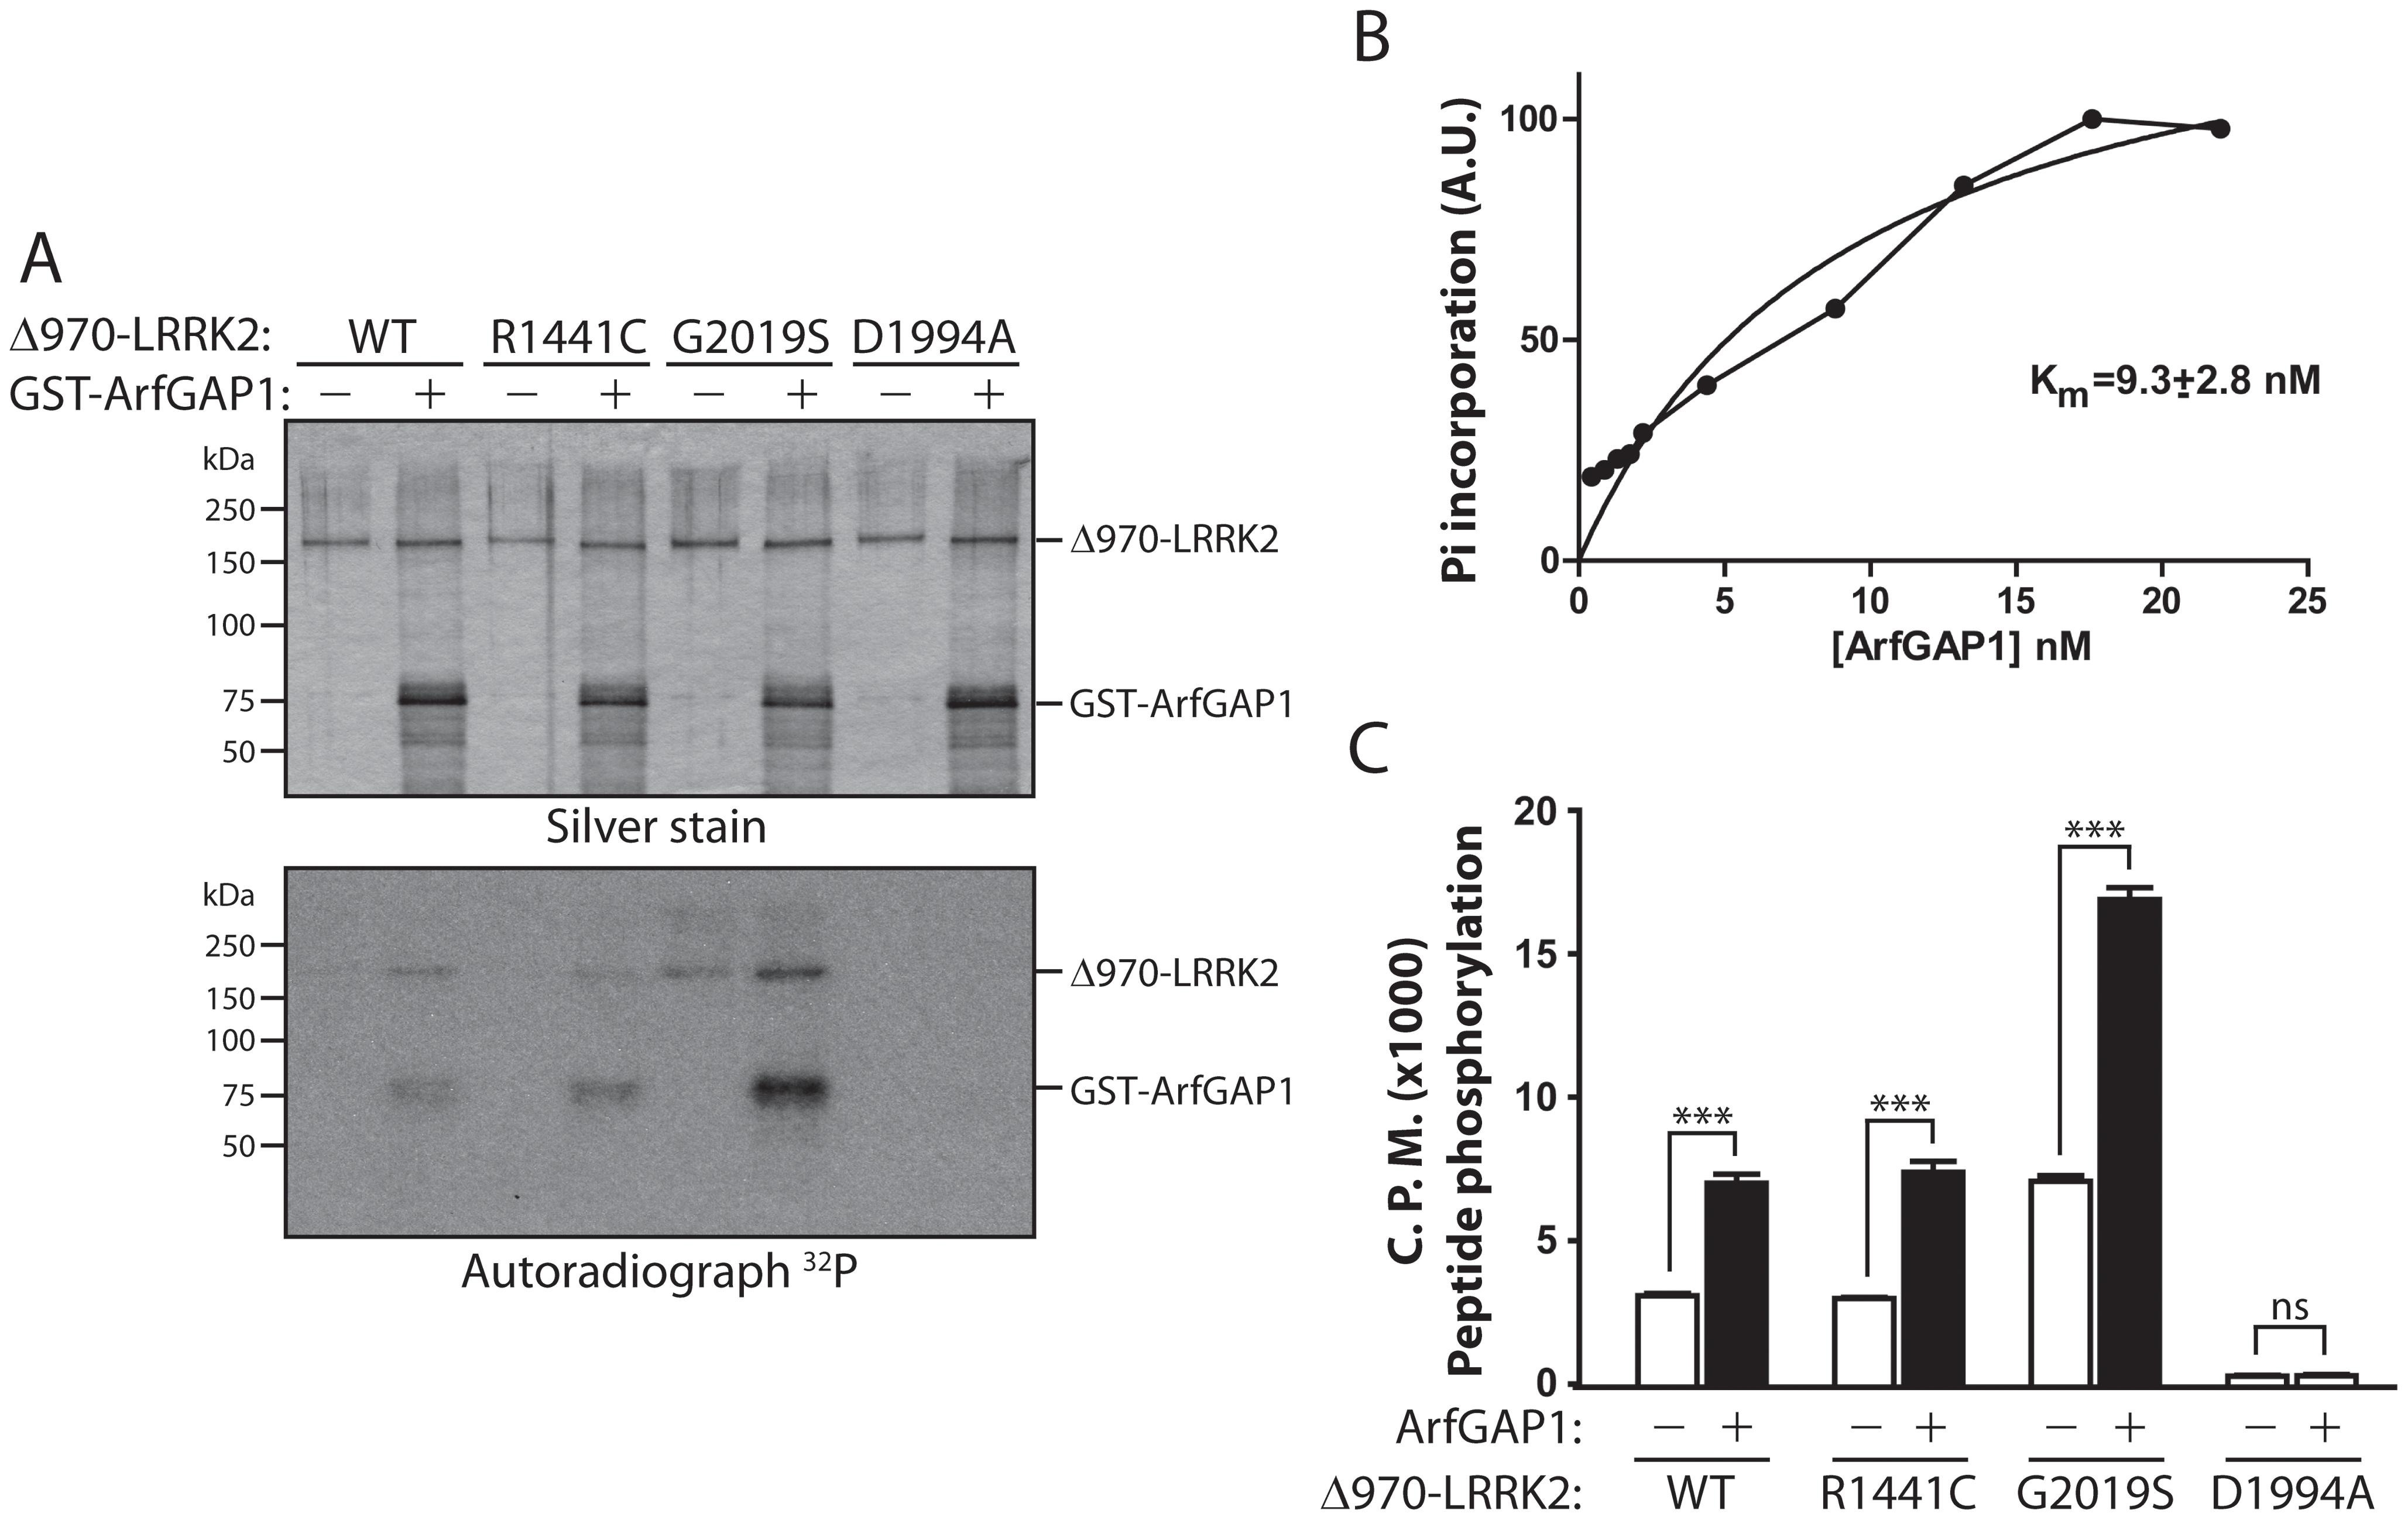 LRRK2 phosphorylates ArfGAP1, and ArfGAP1 enhances LRRK2 kinase activity.